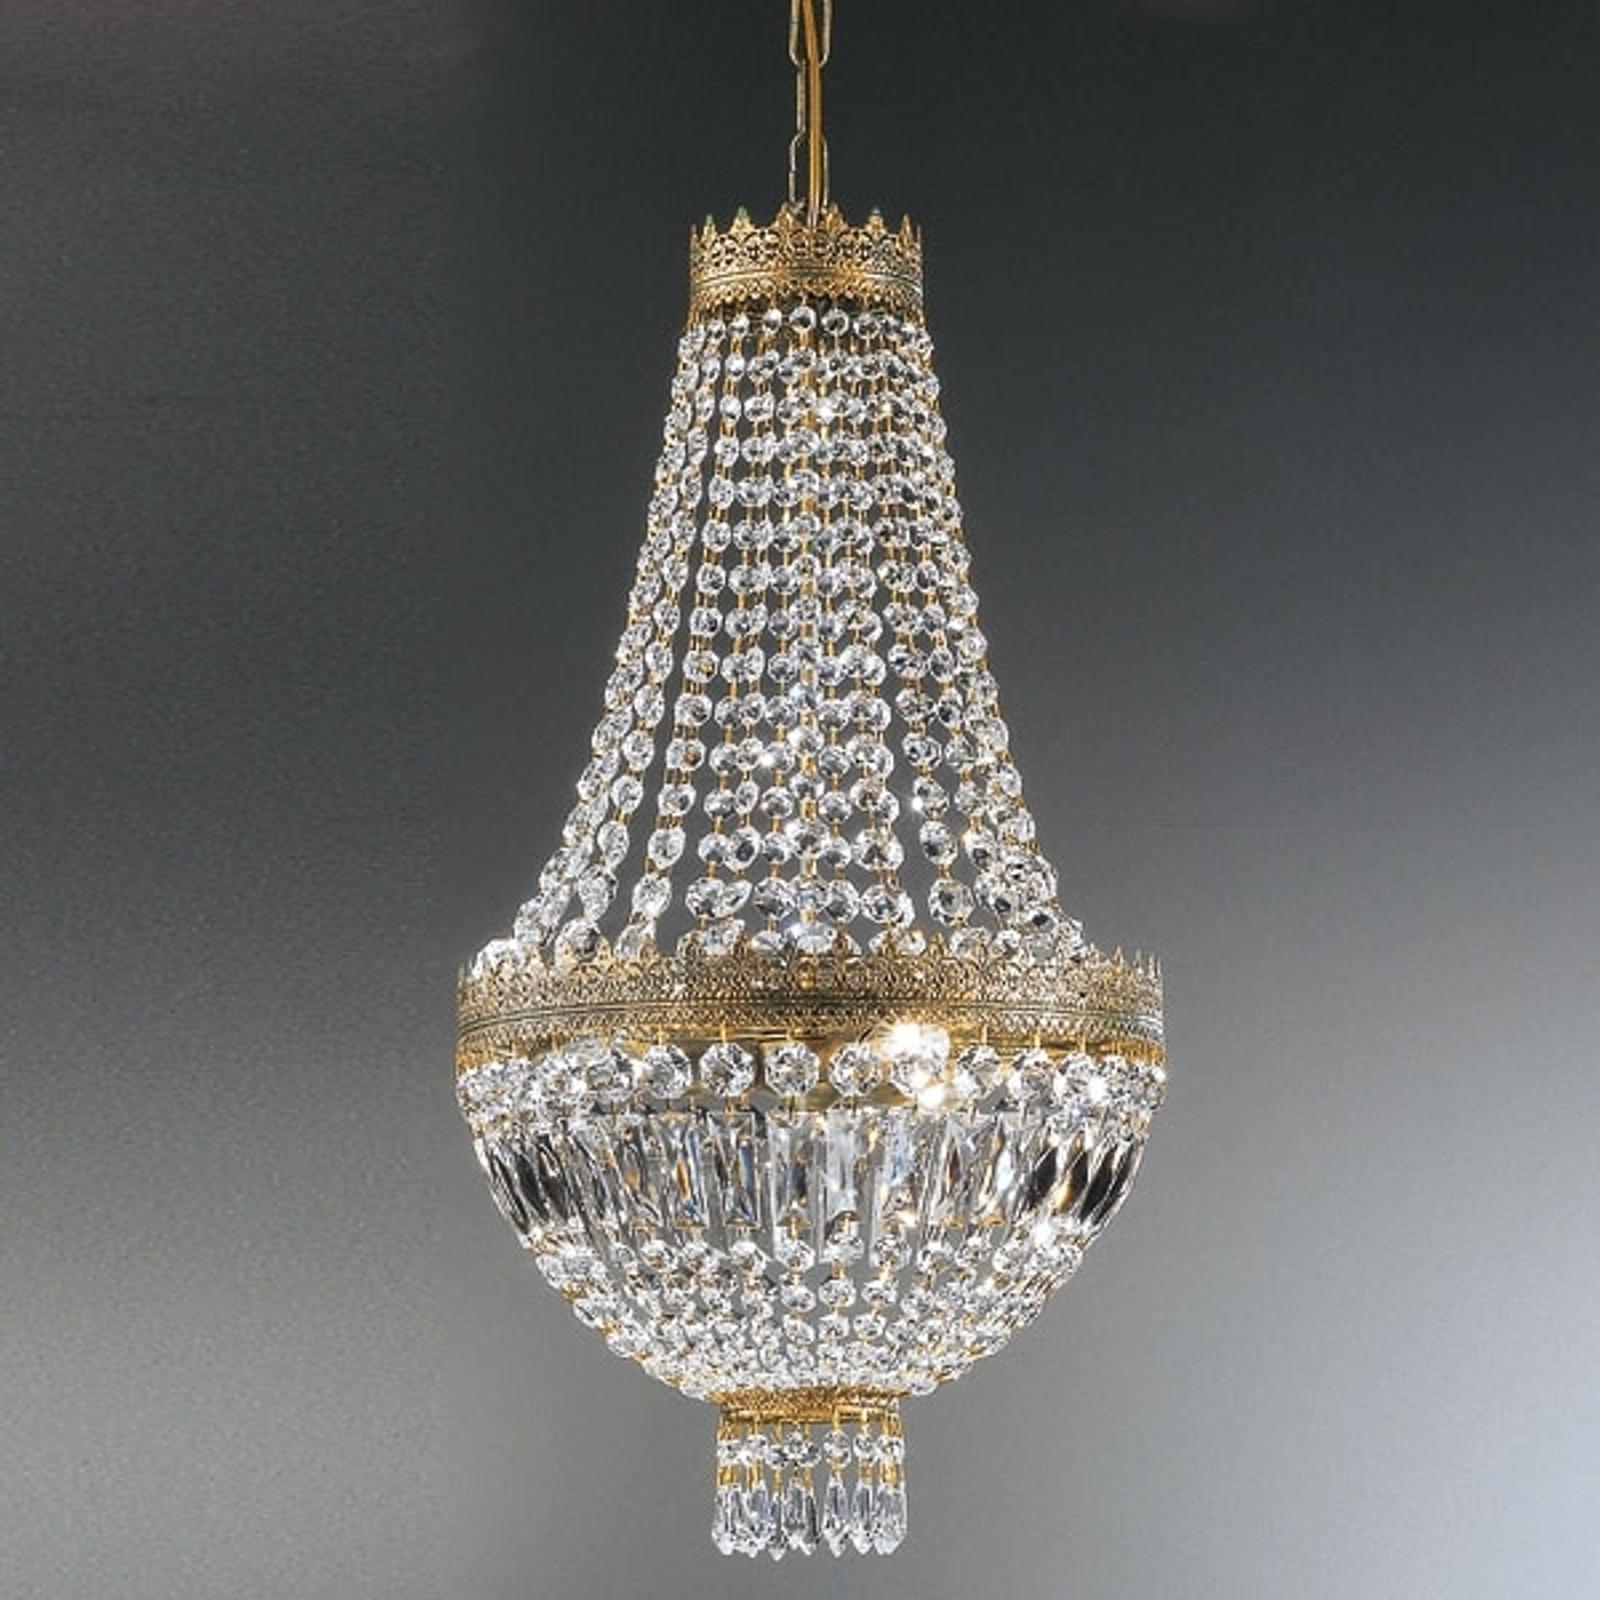 CUPOLA krystall-pendellampe